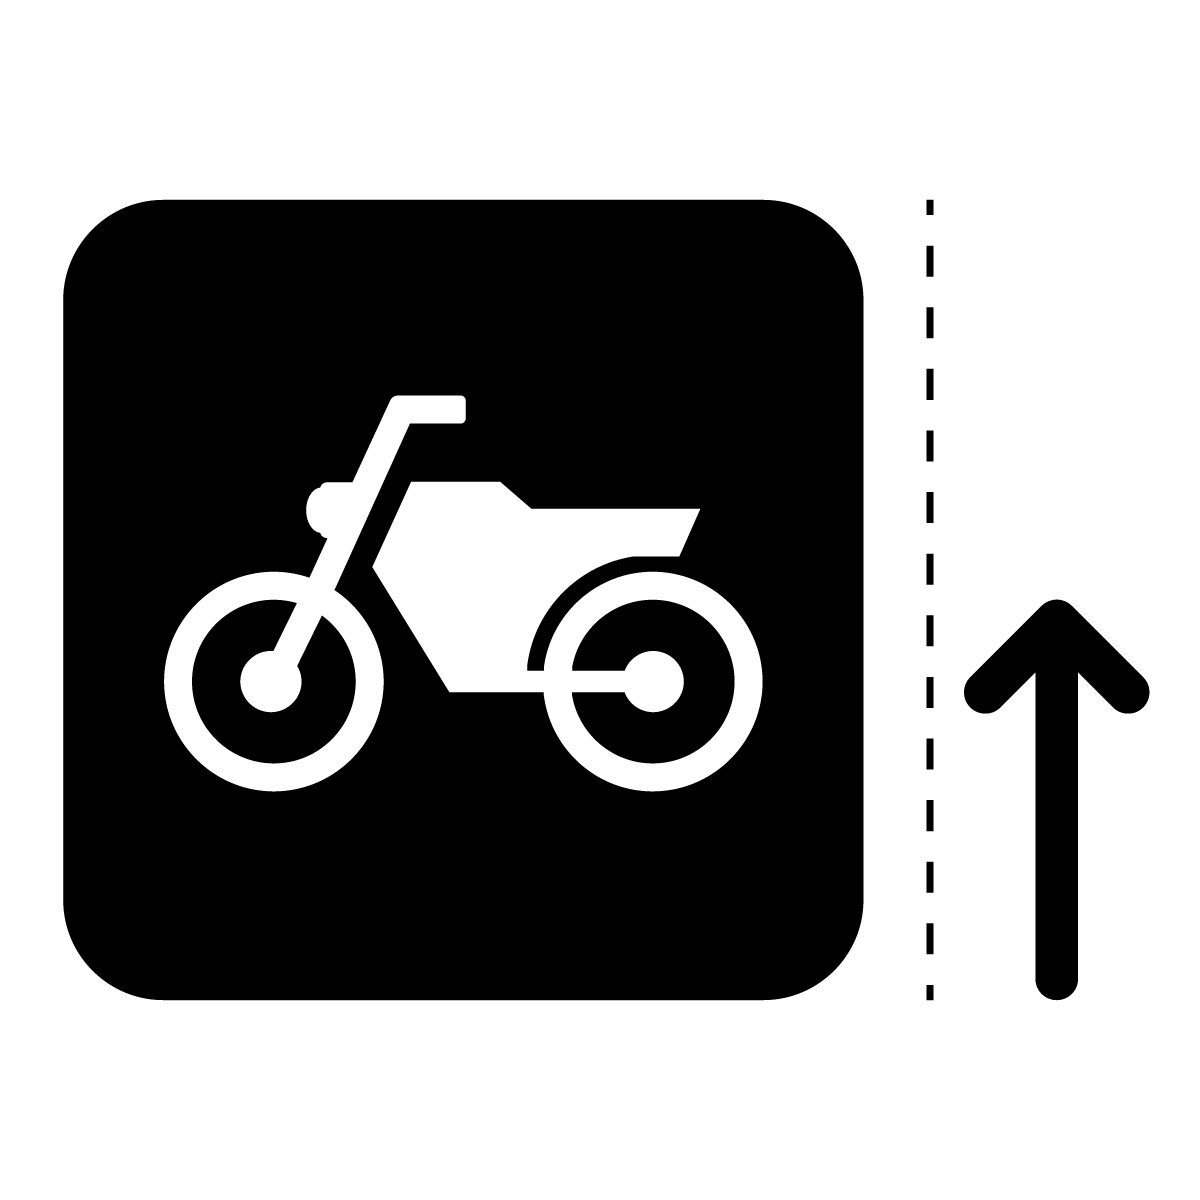 黒色のバイク案内マークのカッティングステッカー・シール